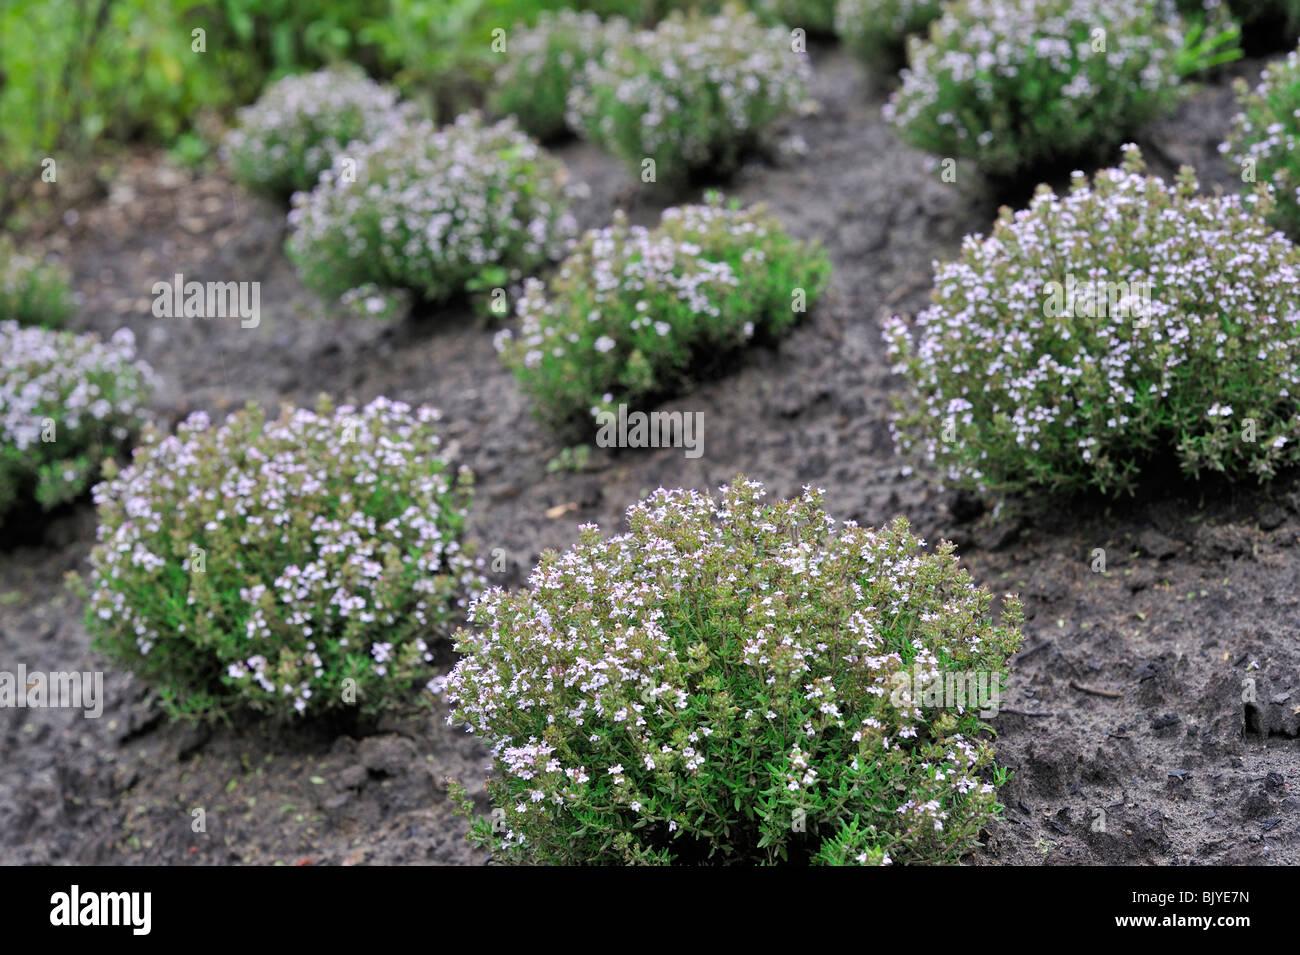 Garten Thymian Gemeinsame Thymian Deutscher Thymian Thymus